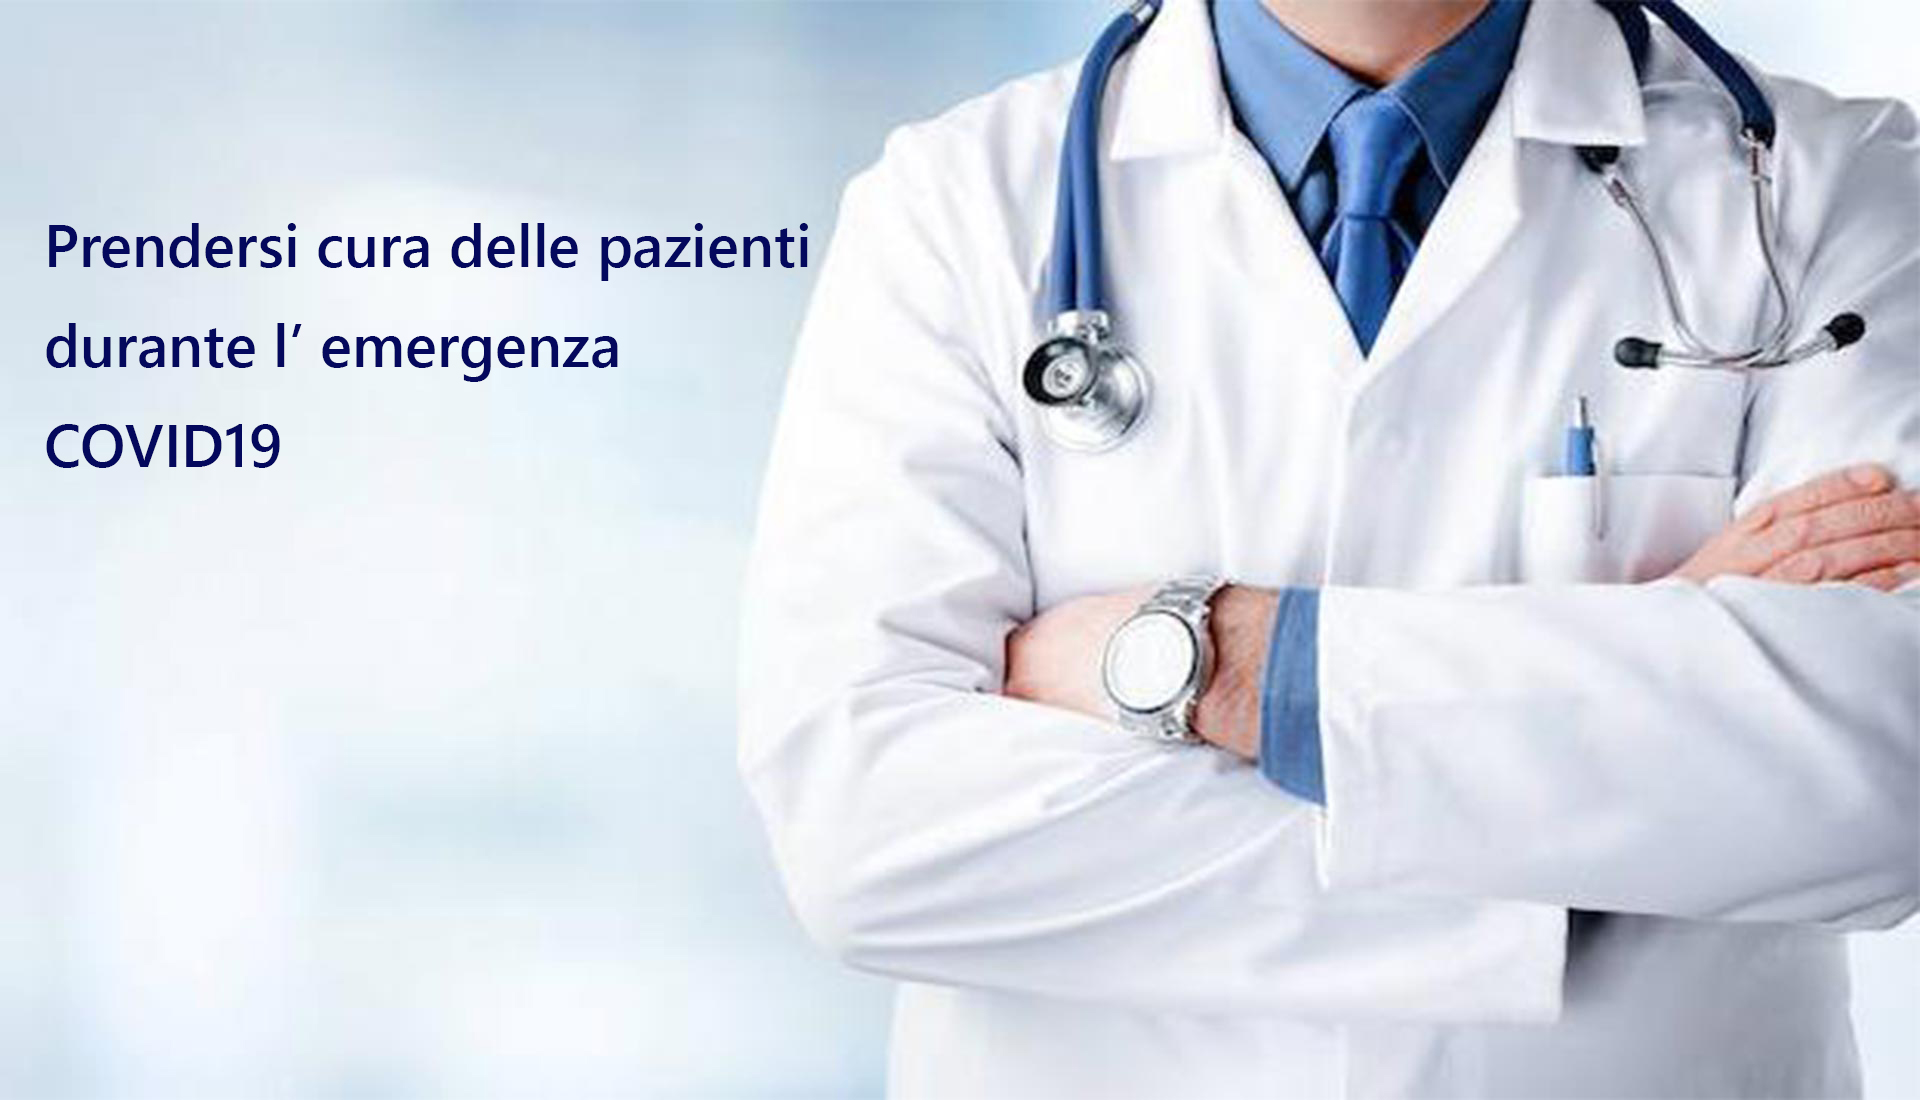 PRENDERSI CURA DELLE PAZIENTI DURANTE L'EMERGENZA COVID19